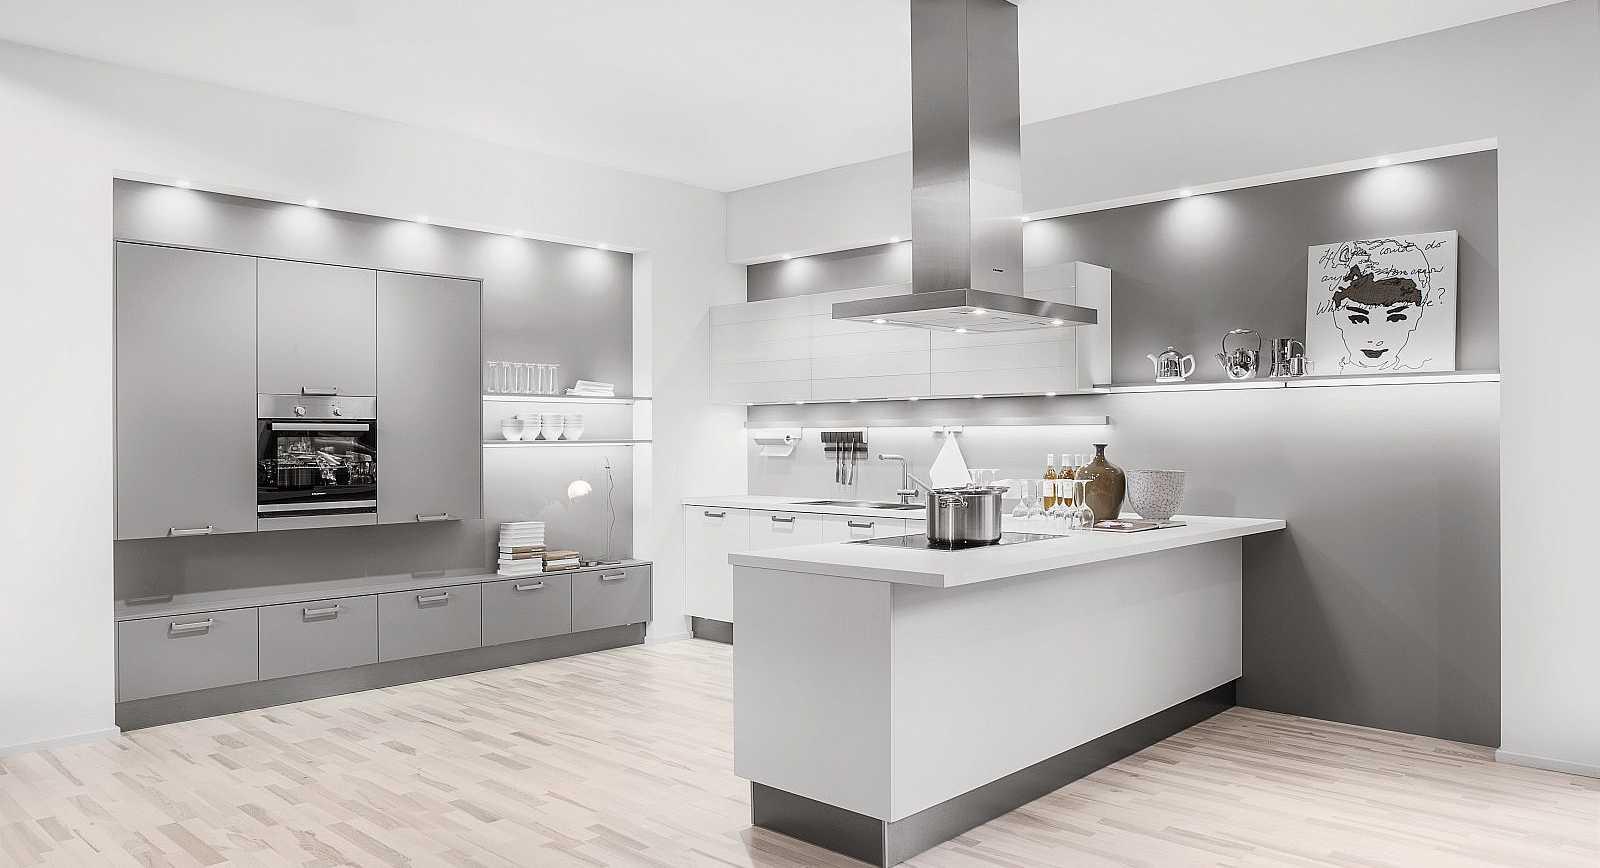 Küchen Bonn comfort küchen bonn köln küchen galerie bonn